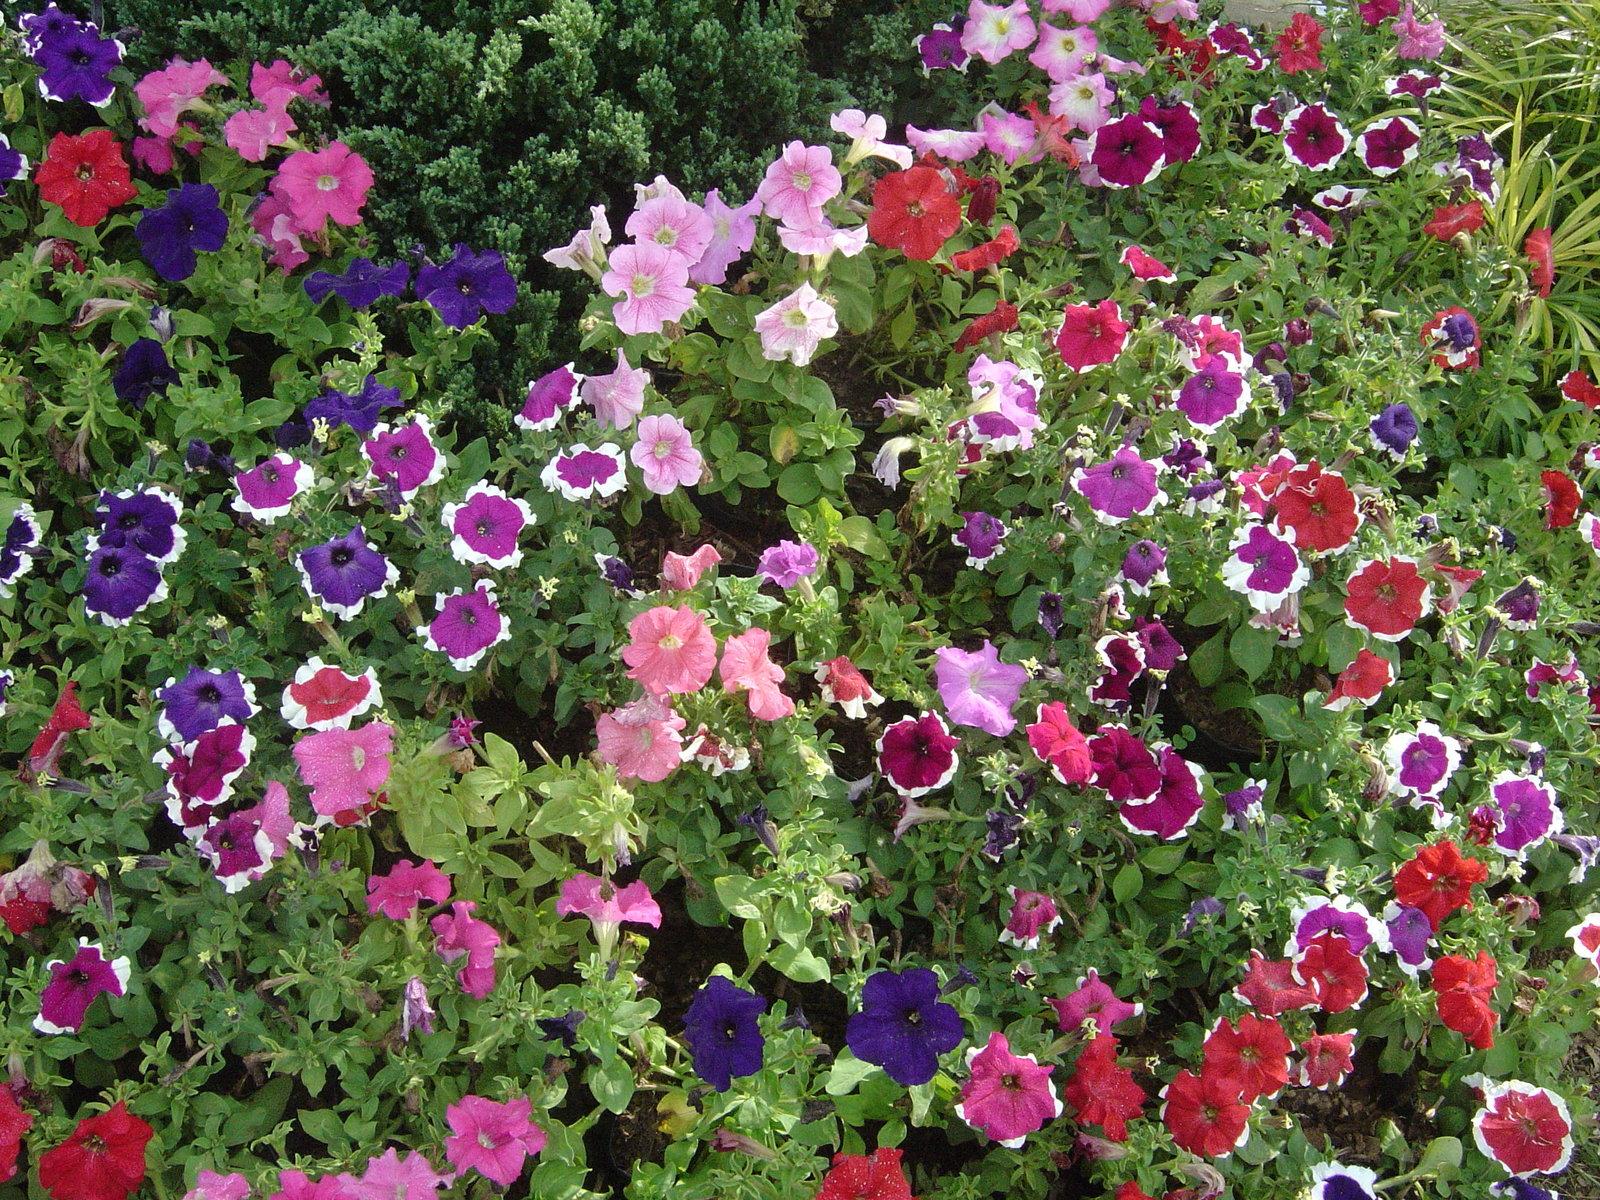 Tropical flower garden wallpaper Views 177 1600x1200